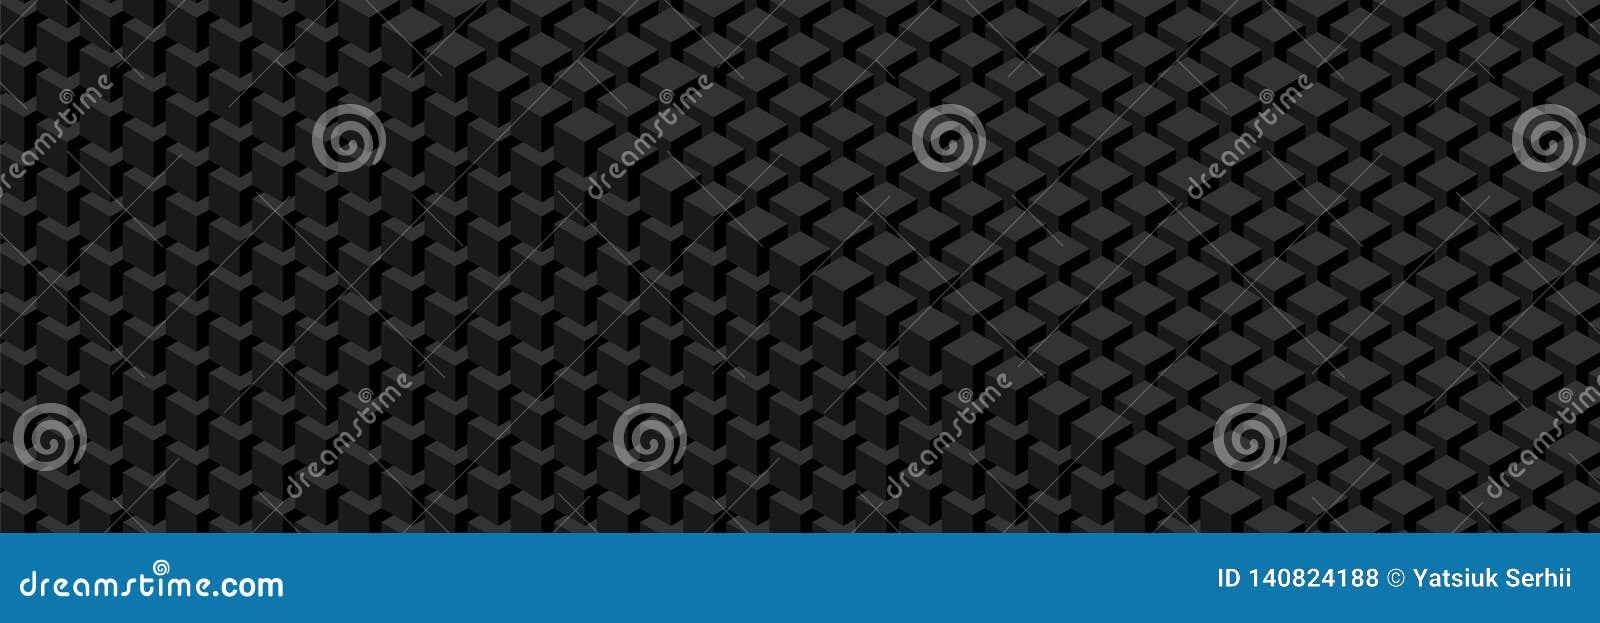 Ściana sześciany Widescreen geometryczny wzór